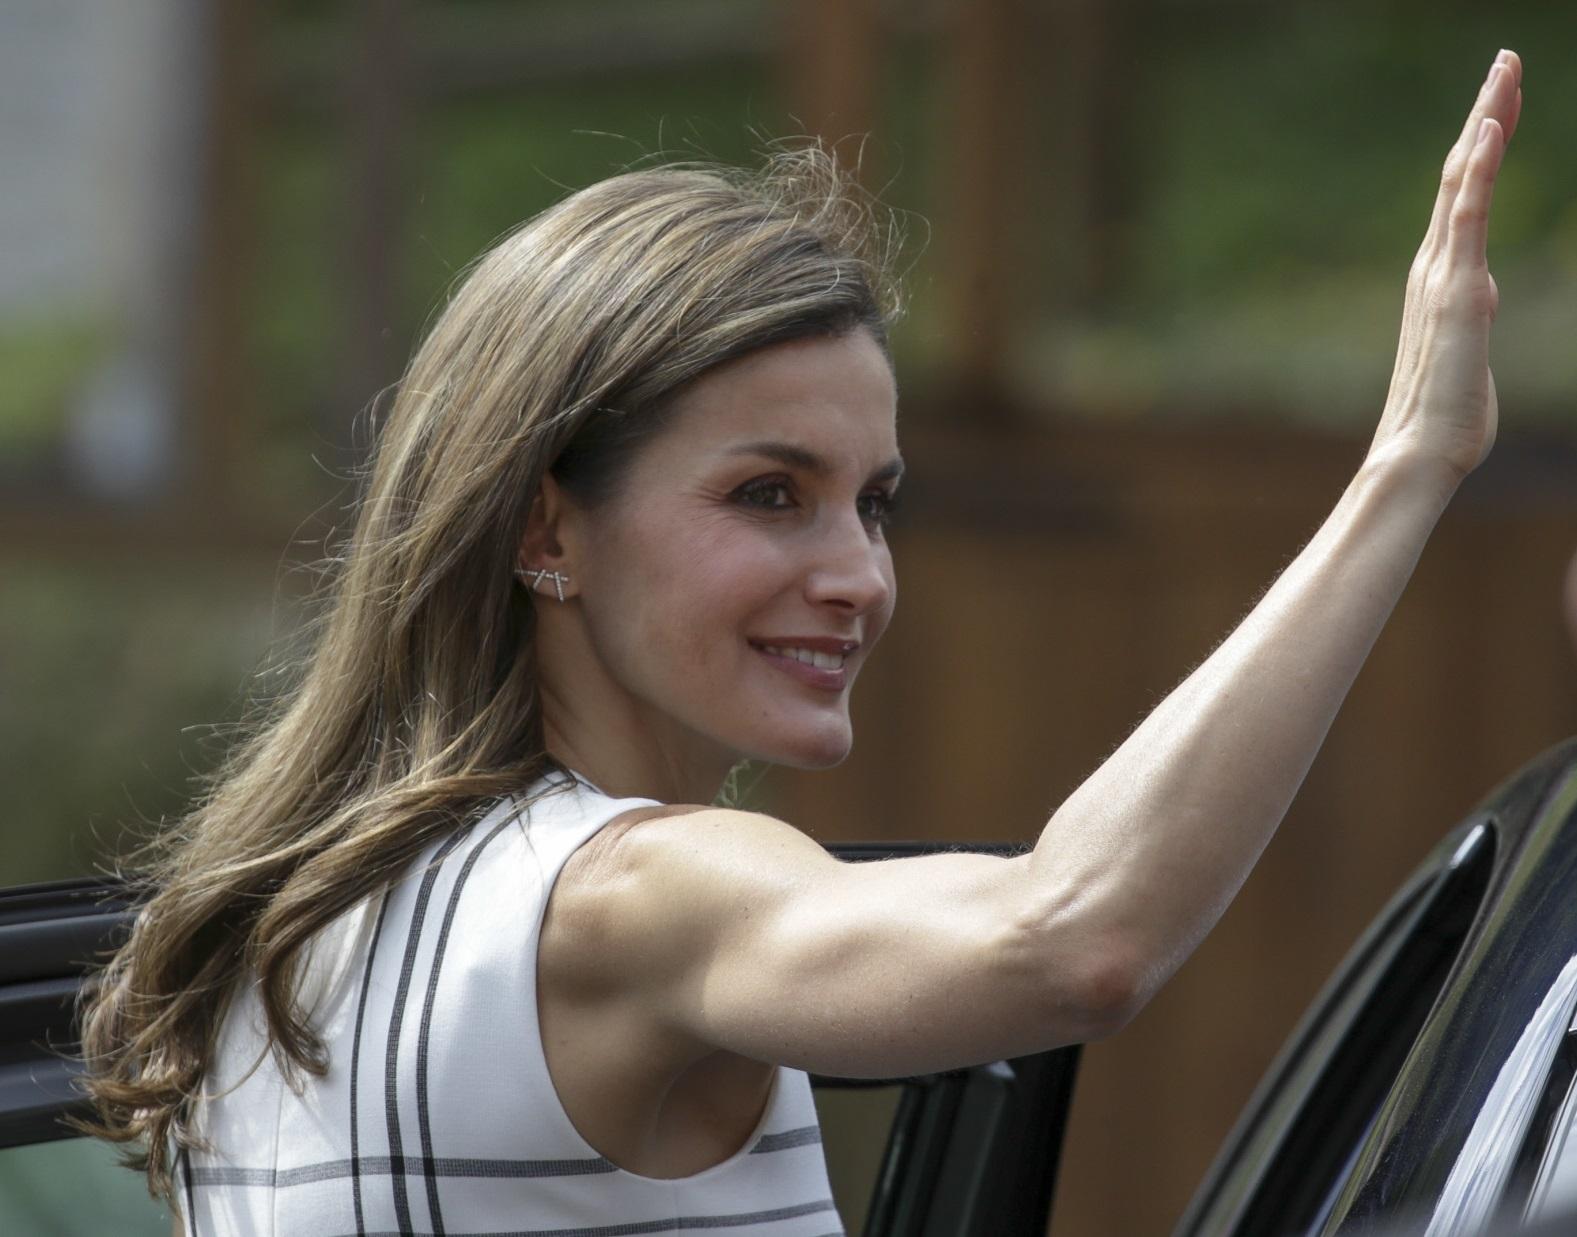 La Reina Letizia luce unos brazos perfectamente tonificados.